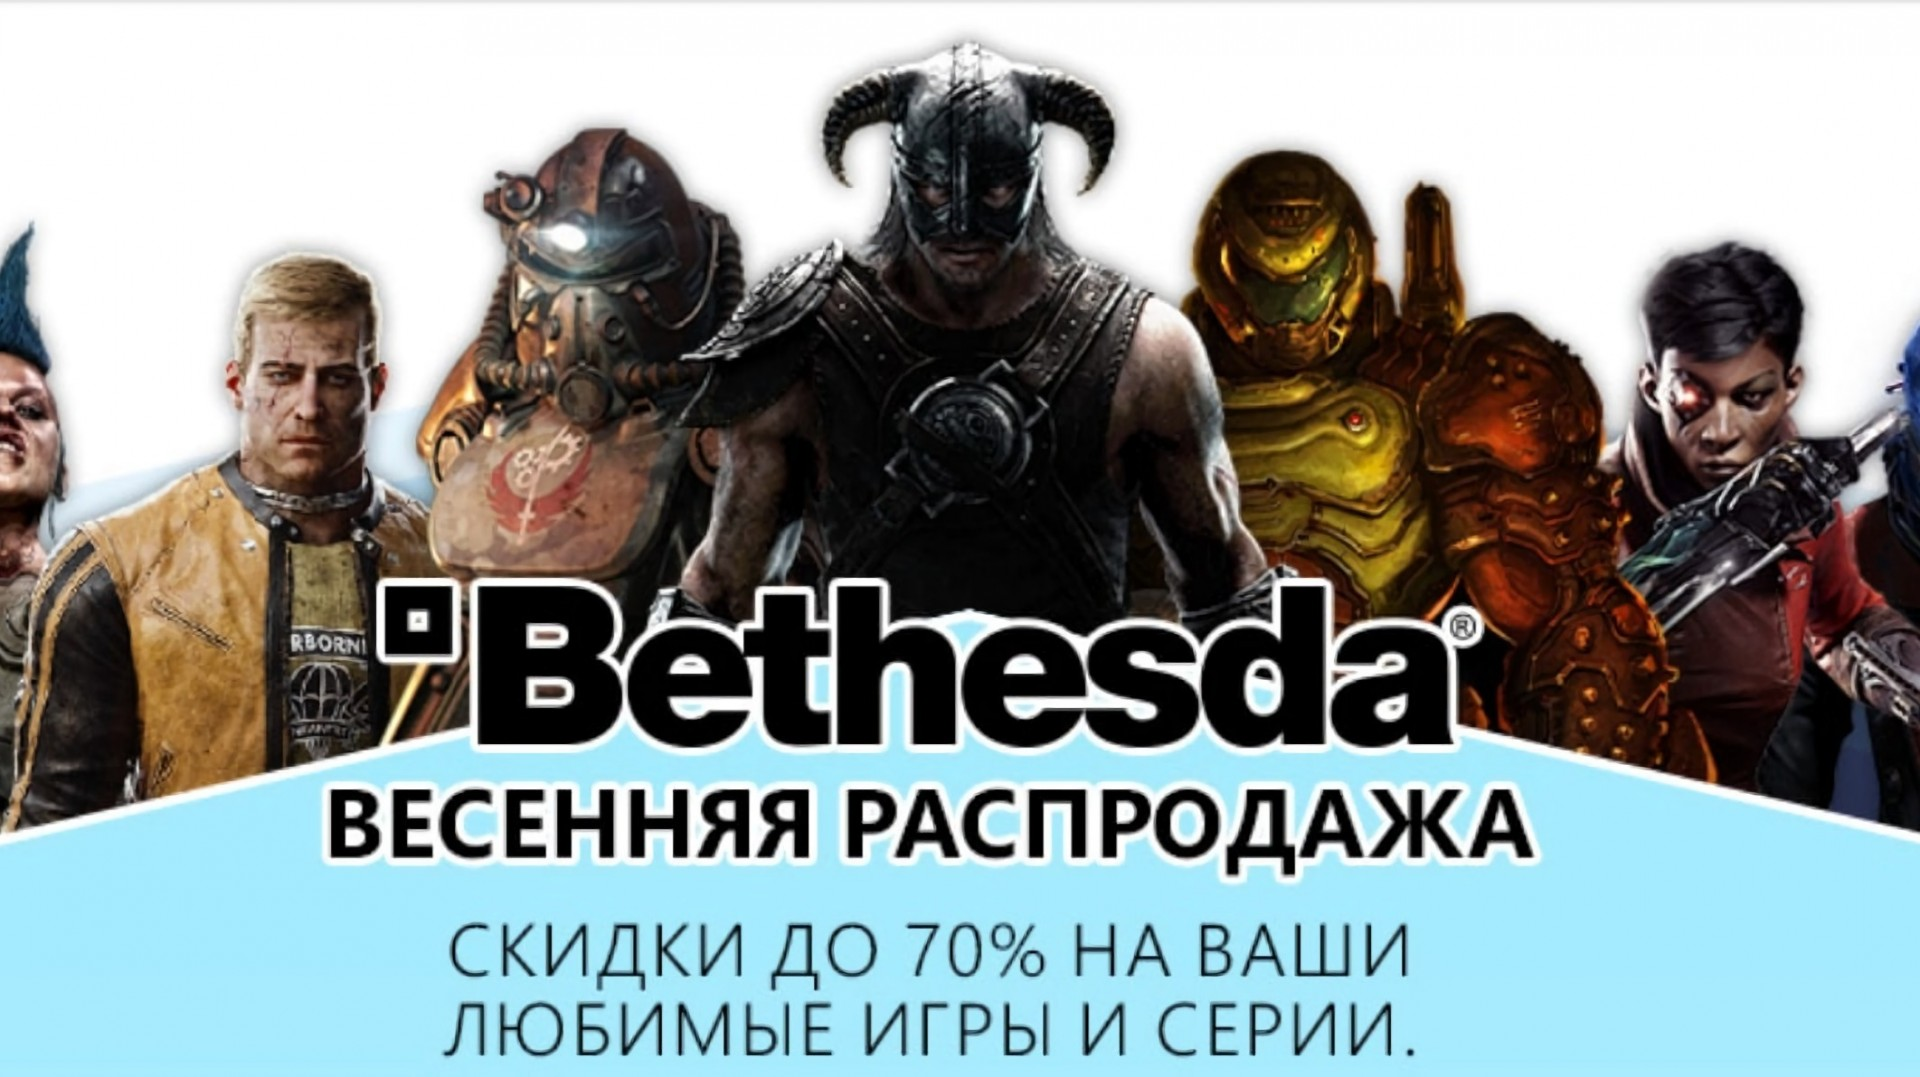 В Steam началась распродажа игр Bethesda скидки до 70